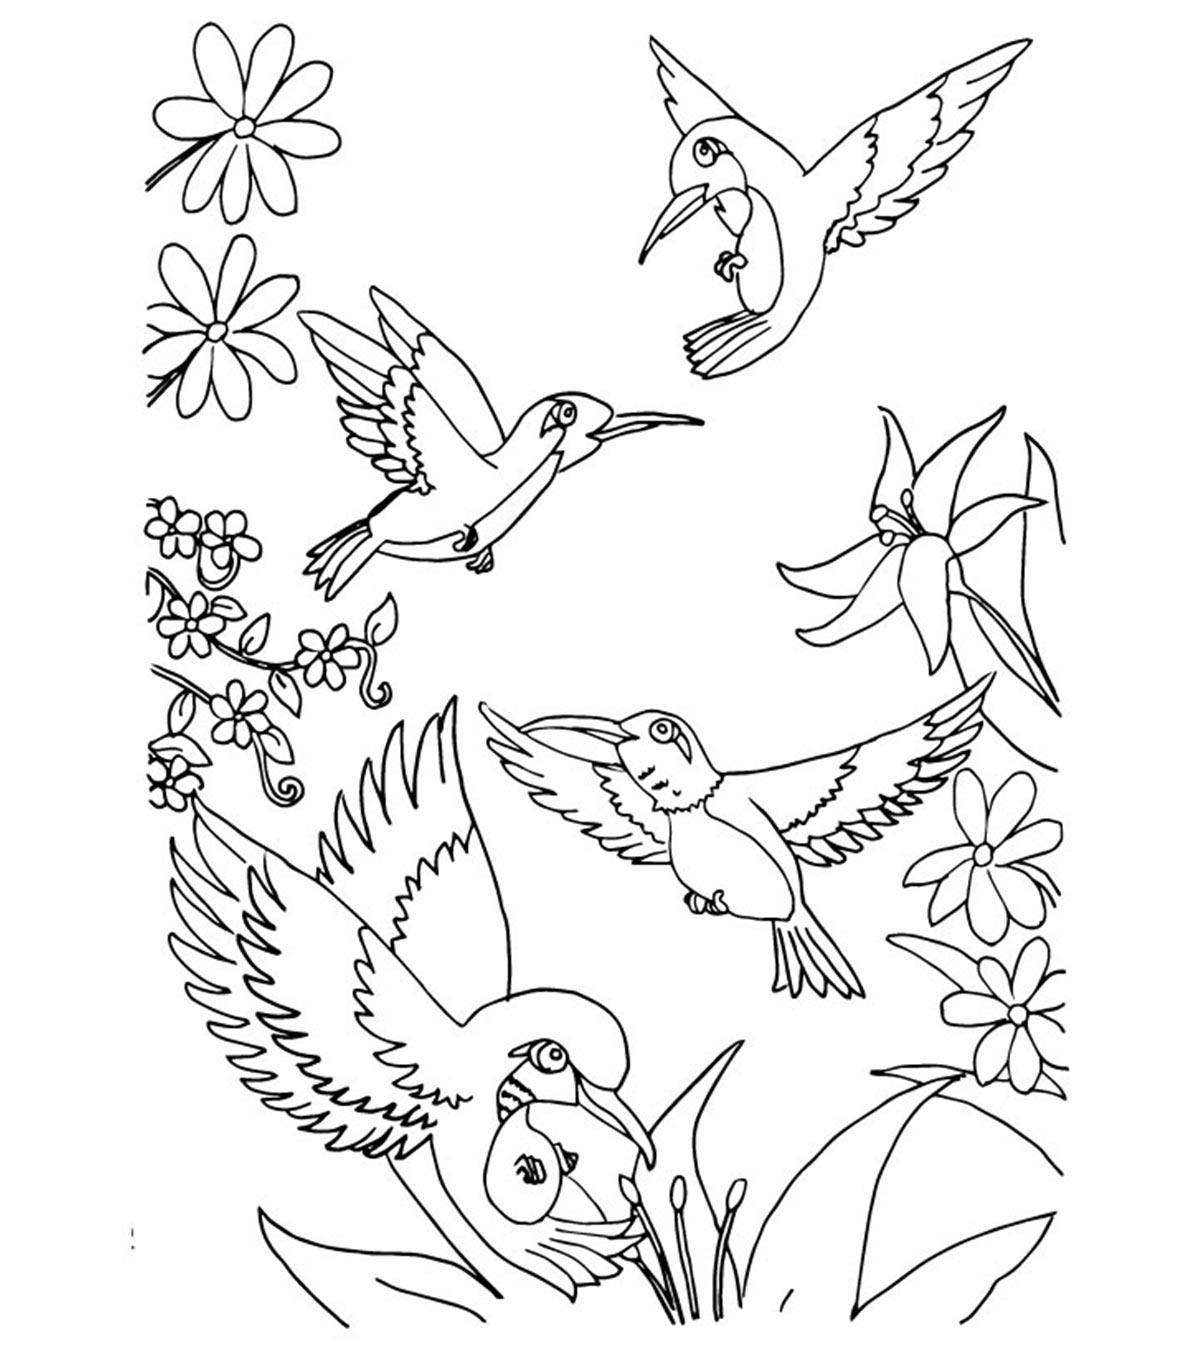 Tranh tô màu bốn chú chim bay lượn trong vườn